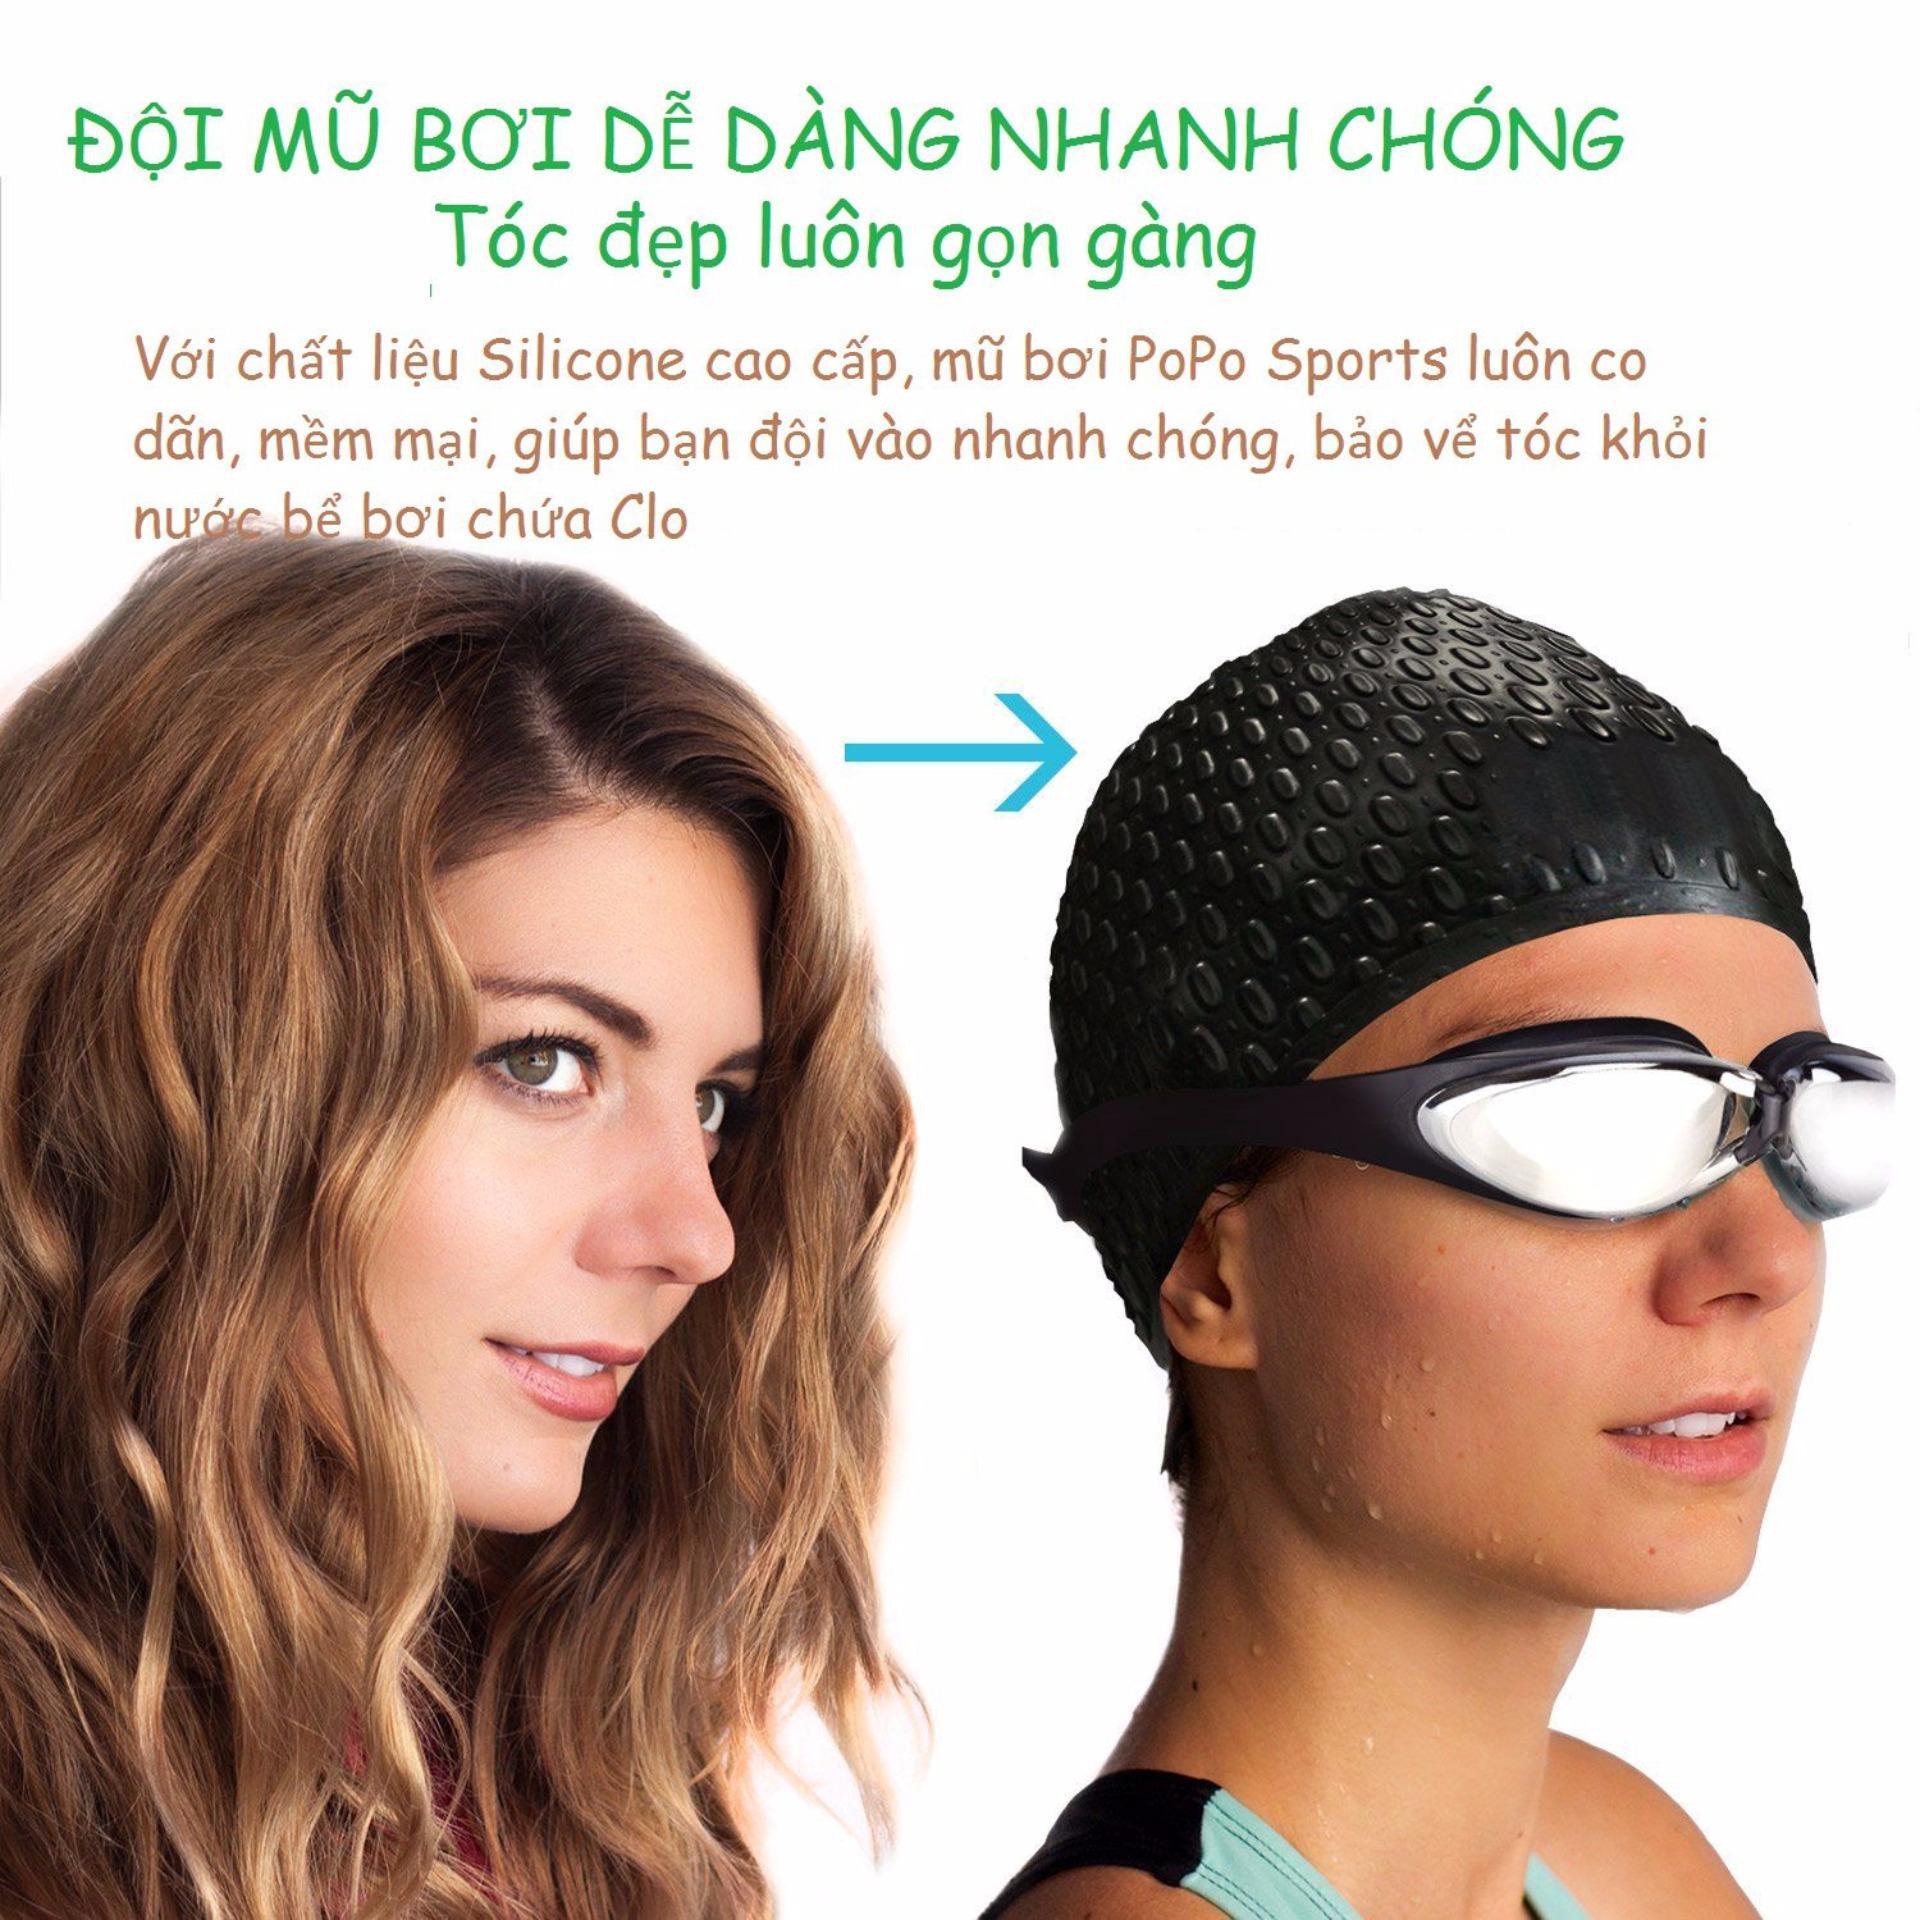 Nón bơi mũ bơi trơn silicone chống thống nước cao cấp CA31 POPO Collection - 4